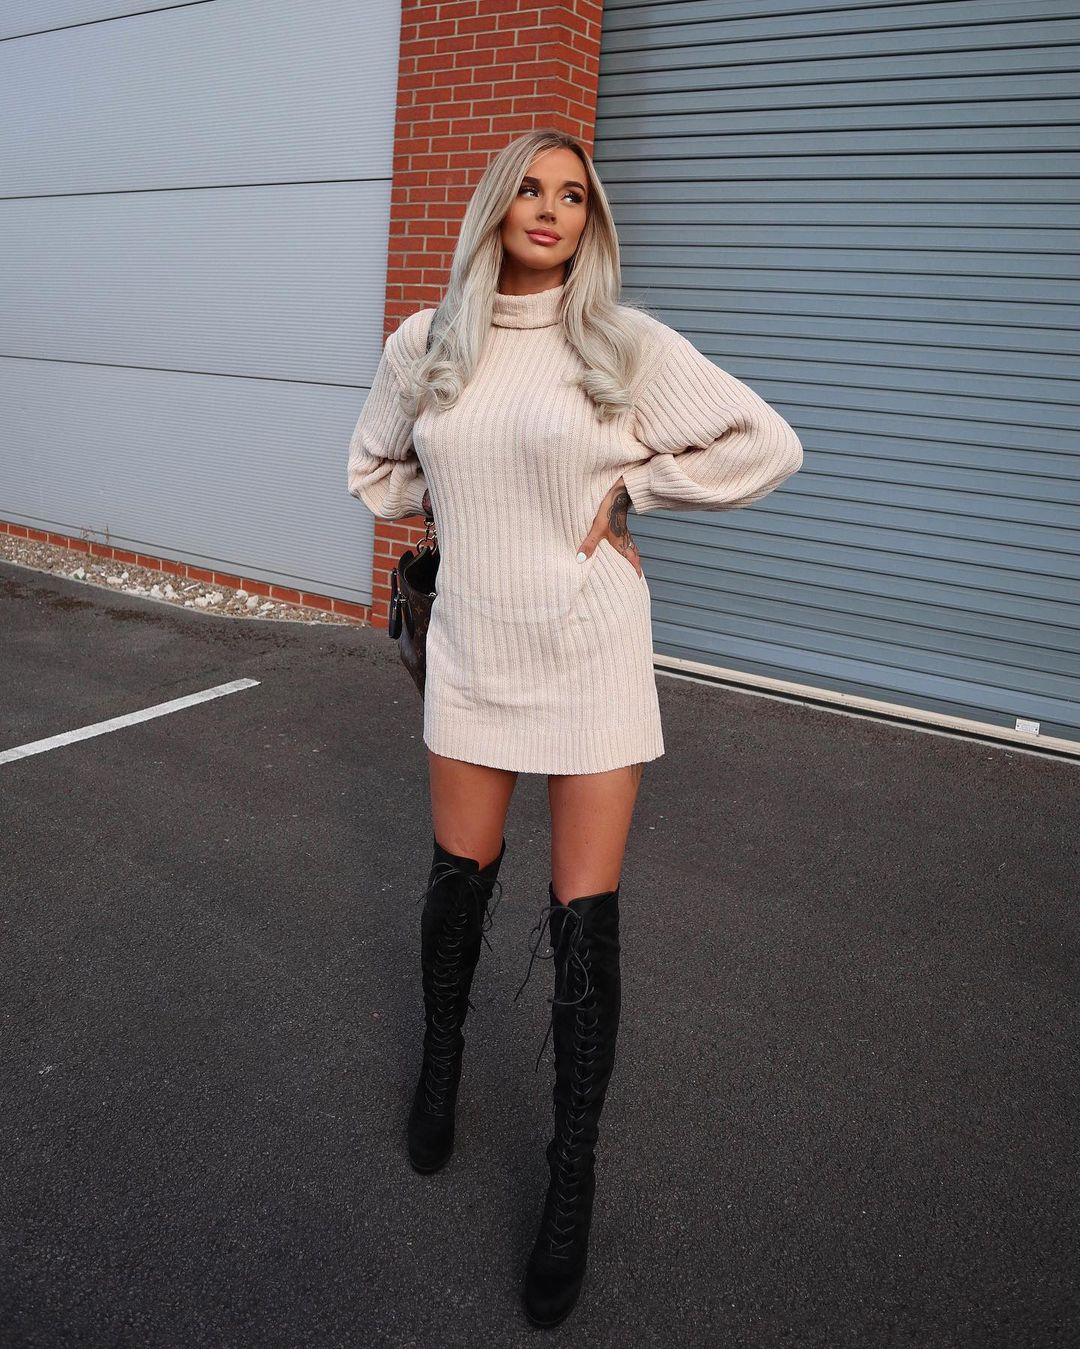 Lauren-Houldsworth-Wallpapers-Insta-Fit-Bio-4